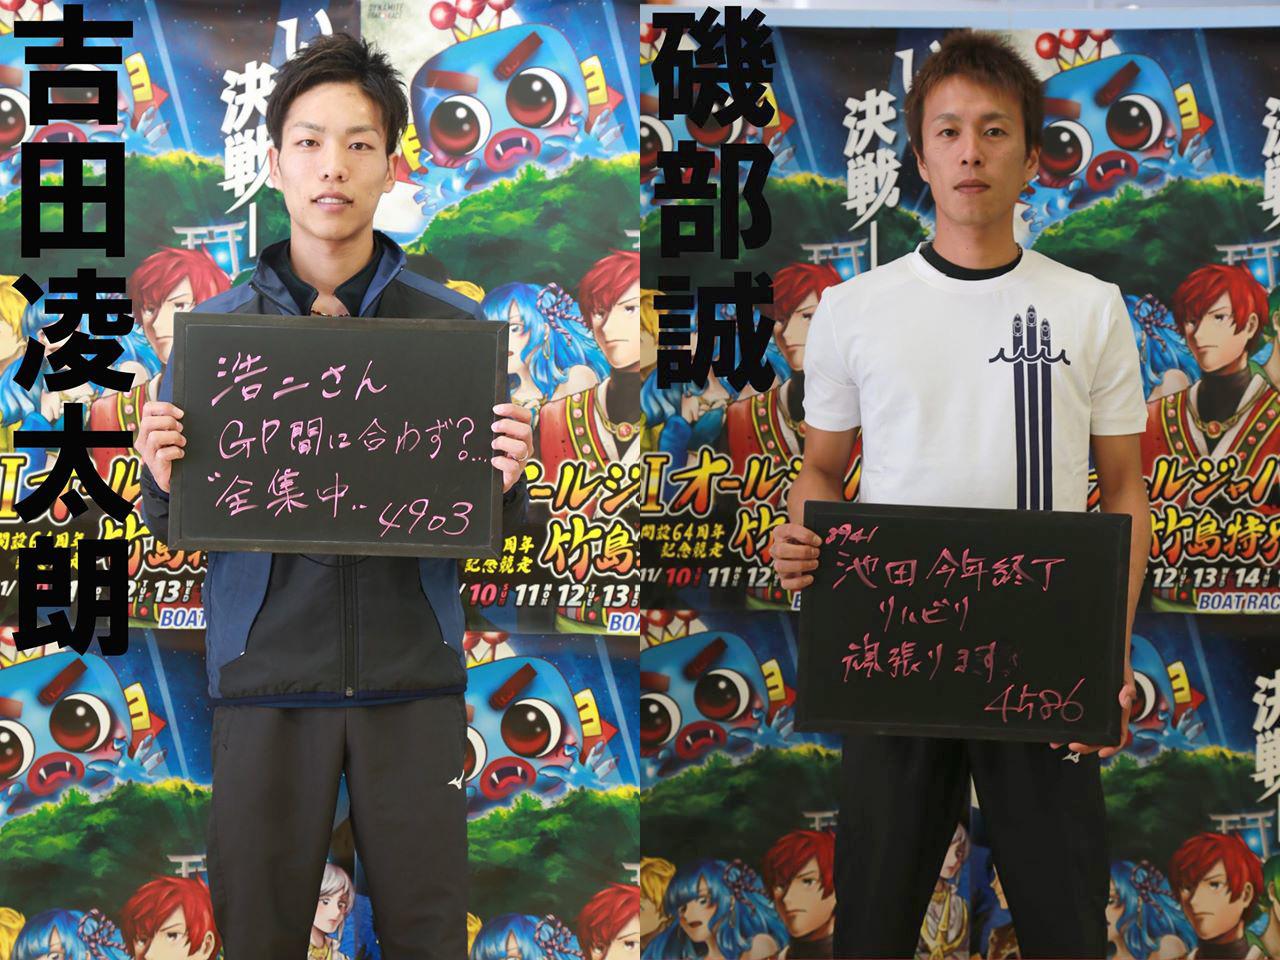 競艇選手 池田浩二選手の弟子である吉田凌太朗選手、磯部誠選手のメッセージボードには池田さん年内無理っぽい内容が… 愛知支部のボートレーサー